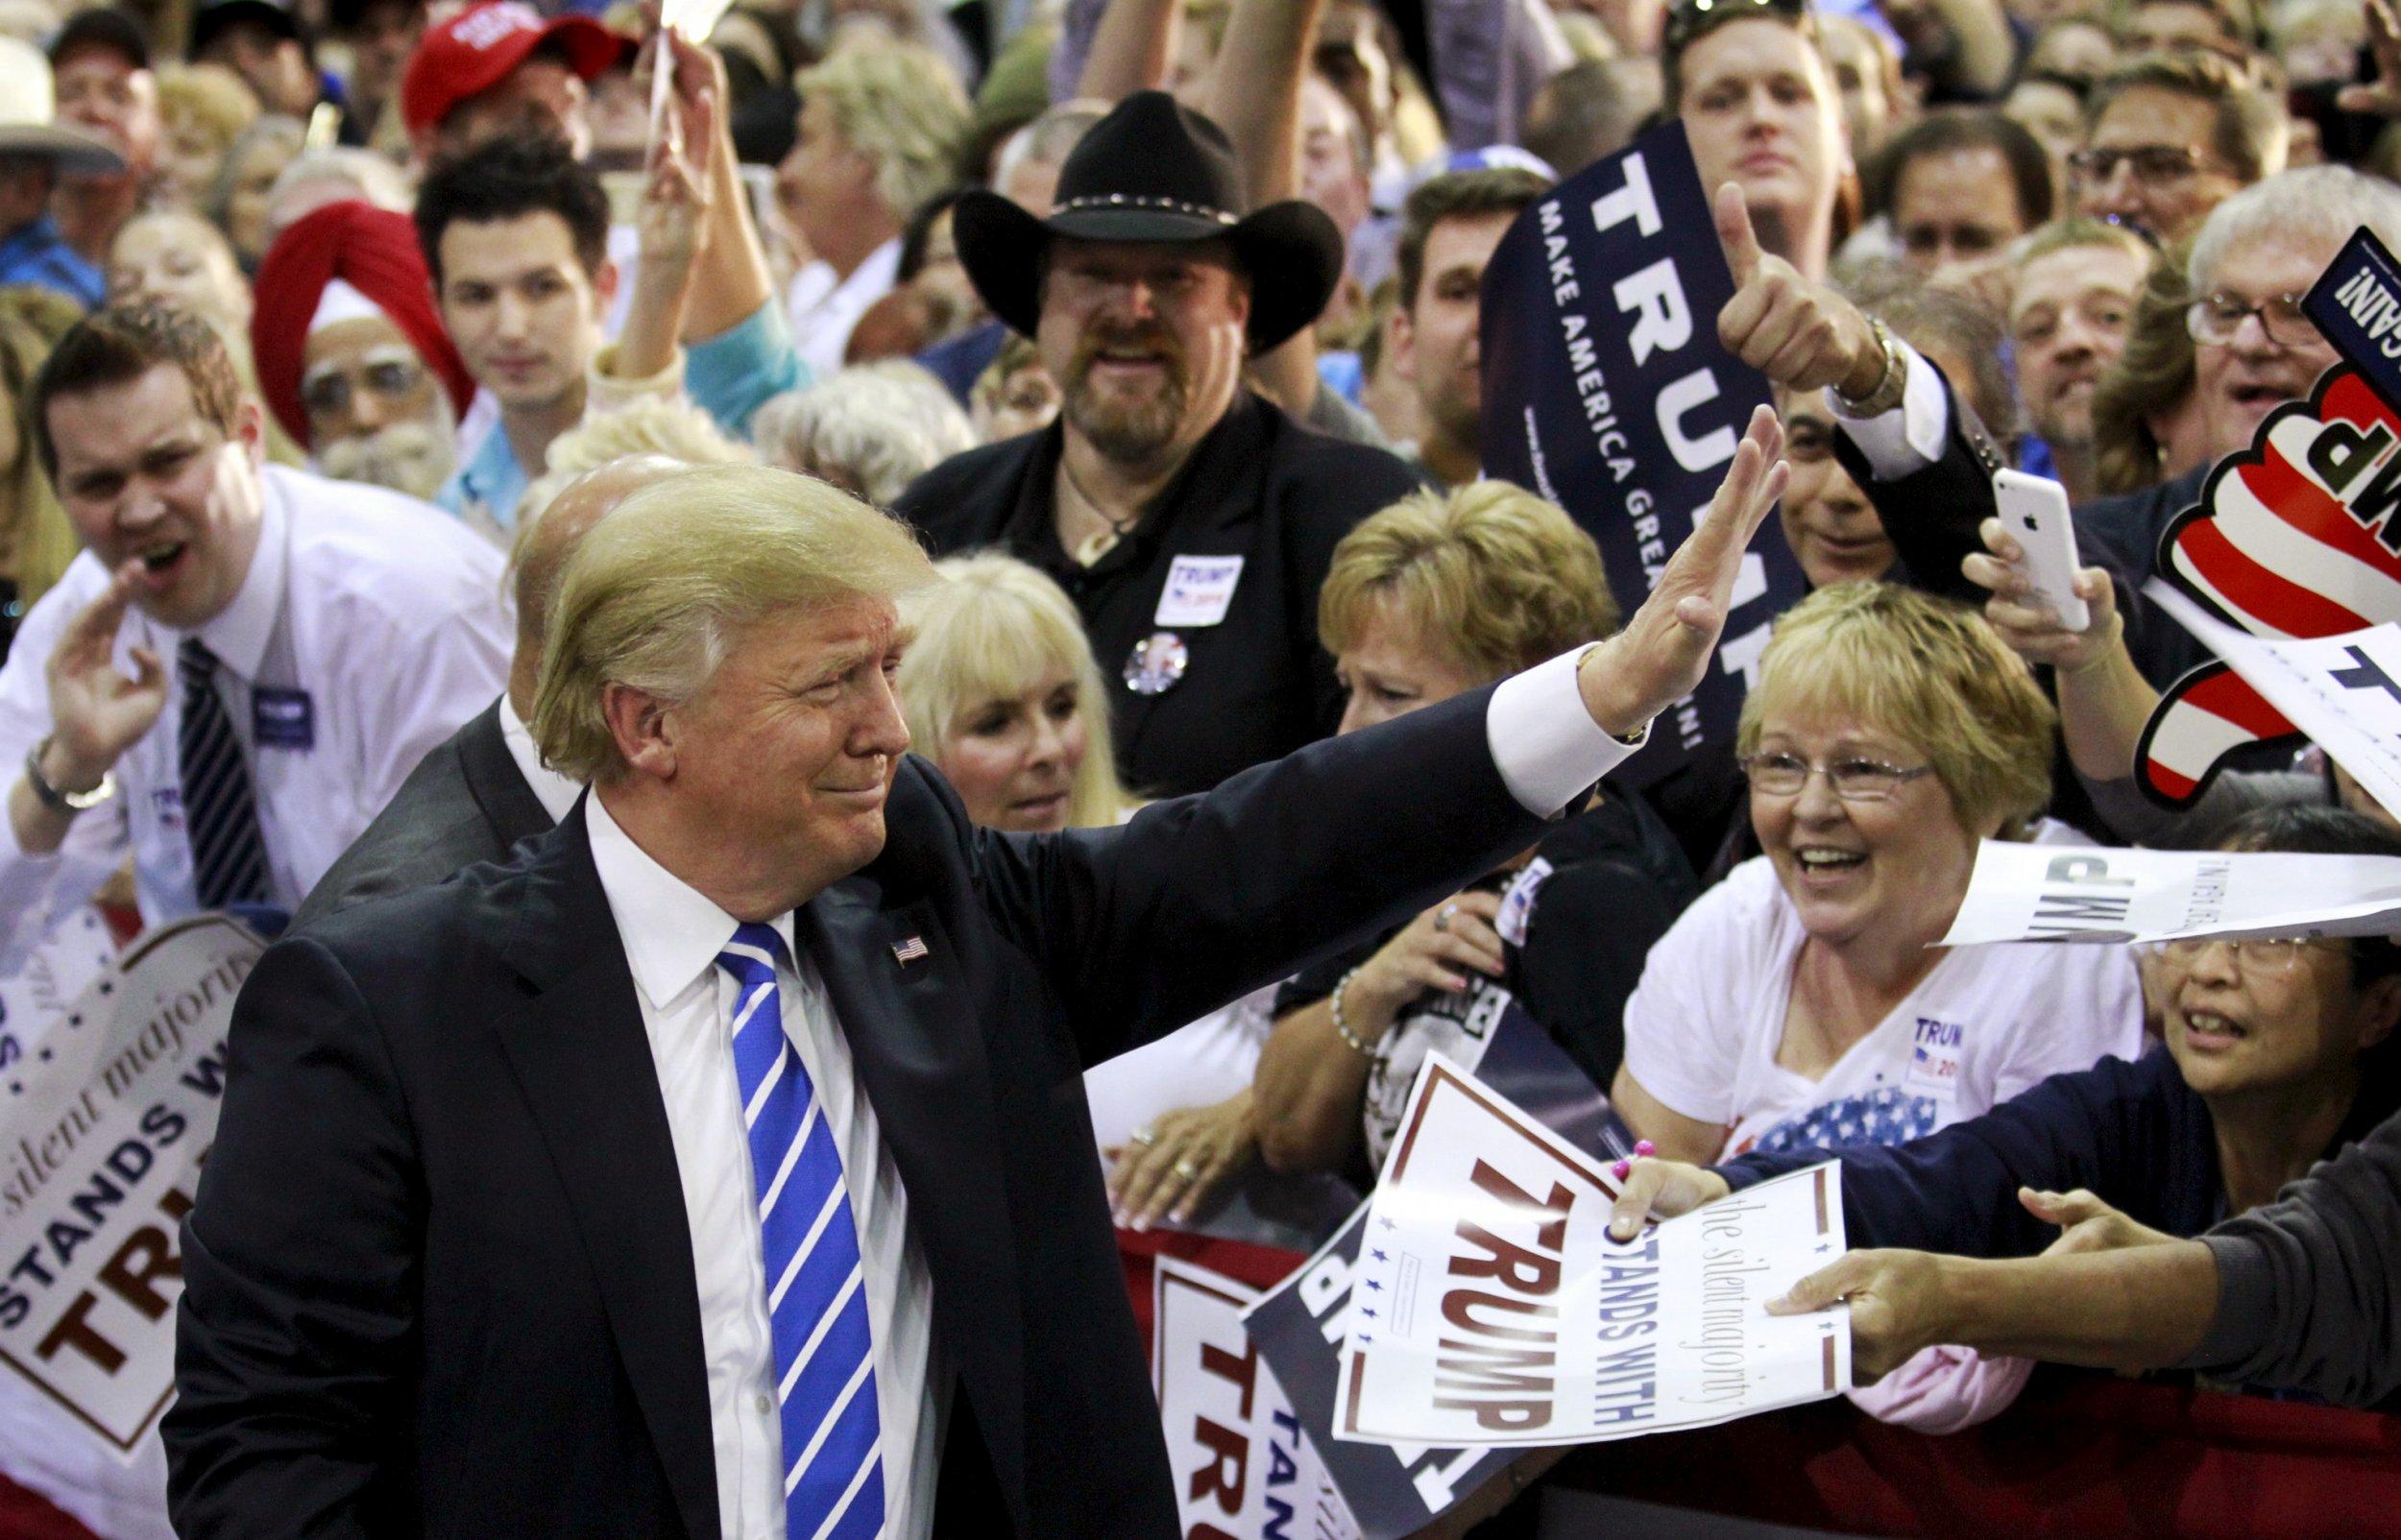 1015_Trump 2016 Politics